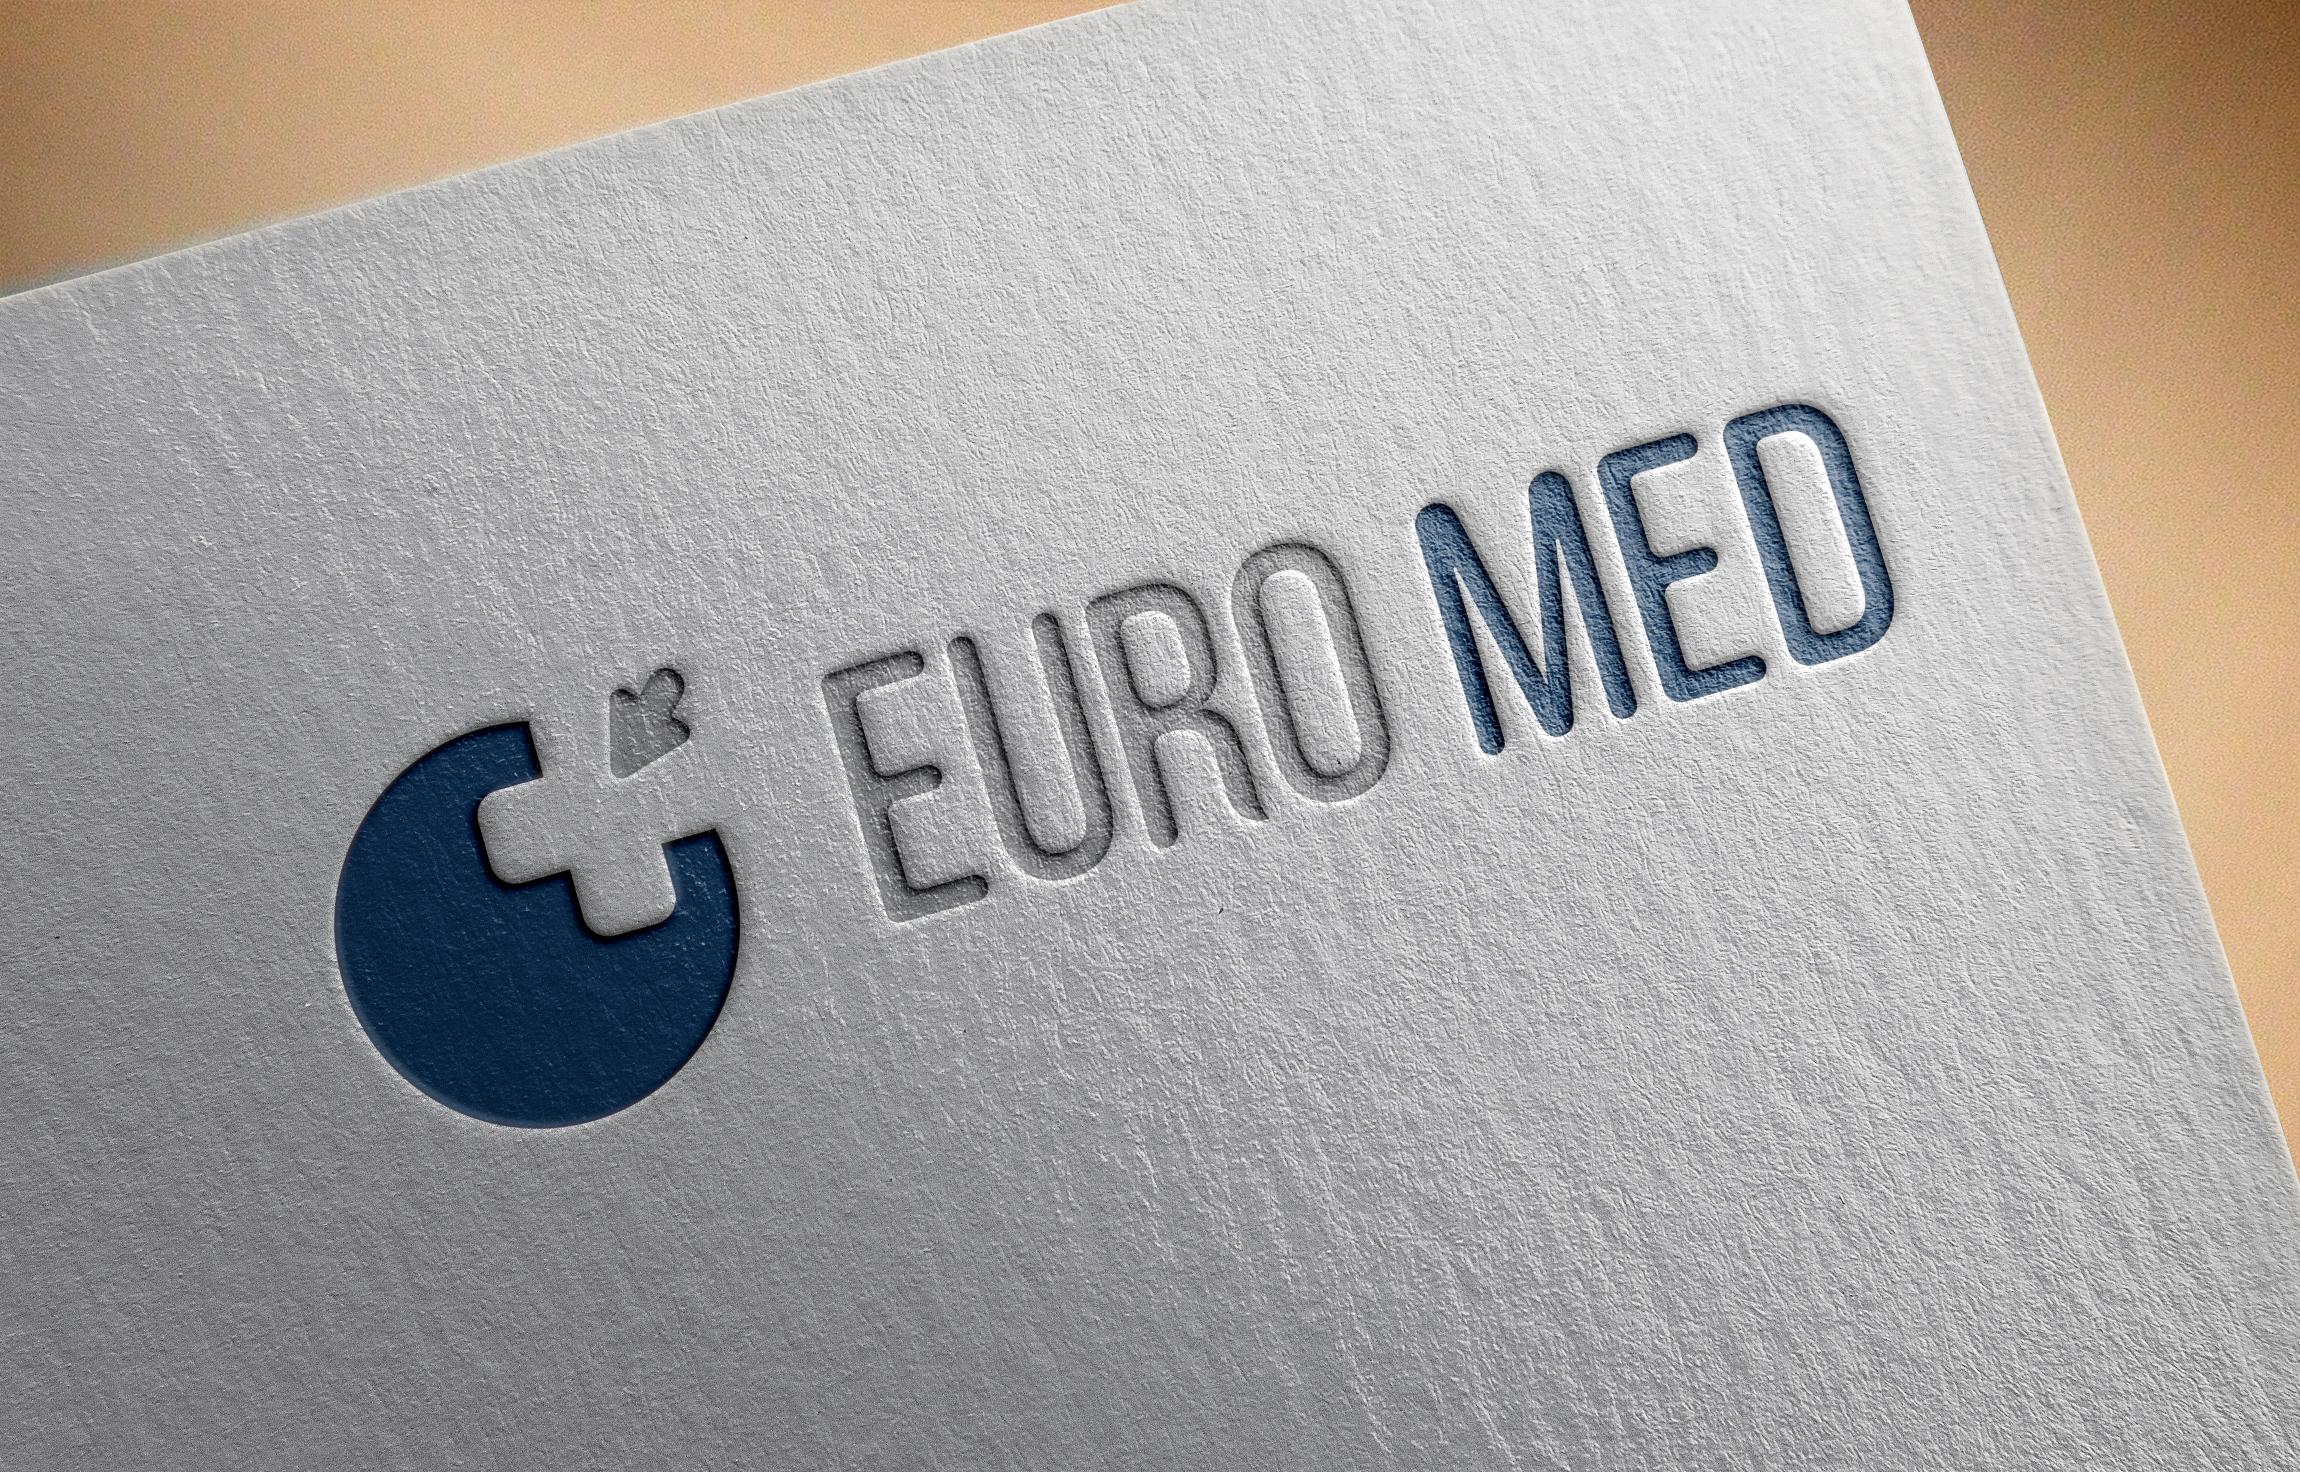 Фото Дизайн логотип для компании, занимающейся оборудованием медицинского назначения, расходными материалами, реабилитацией и телемедициной.  (Харьков)